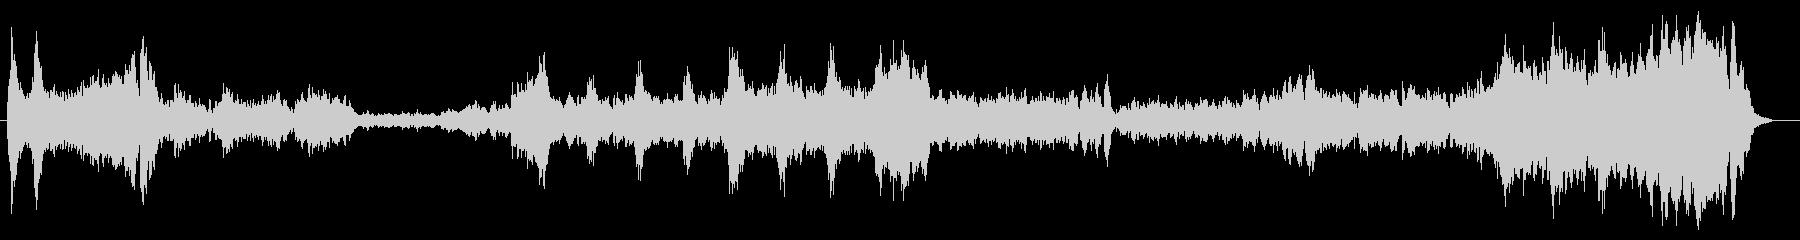 疾走感のあるオーケストラの未再生の波形